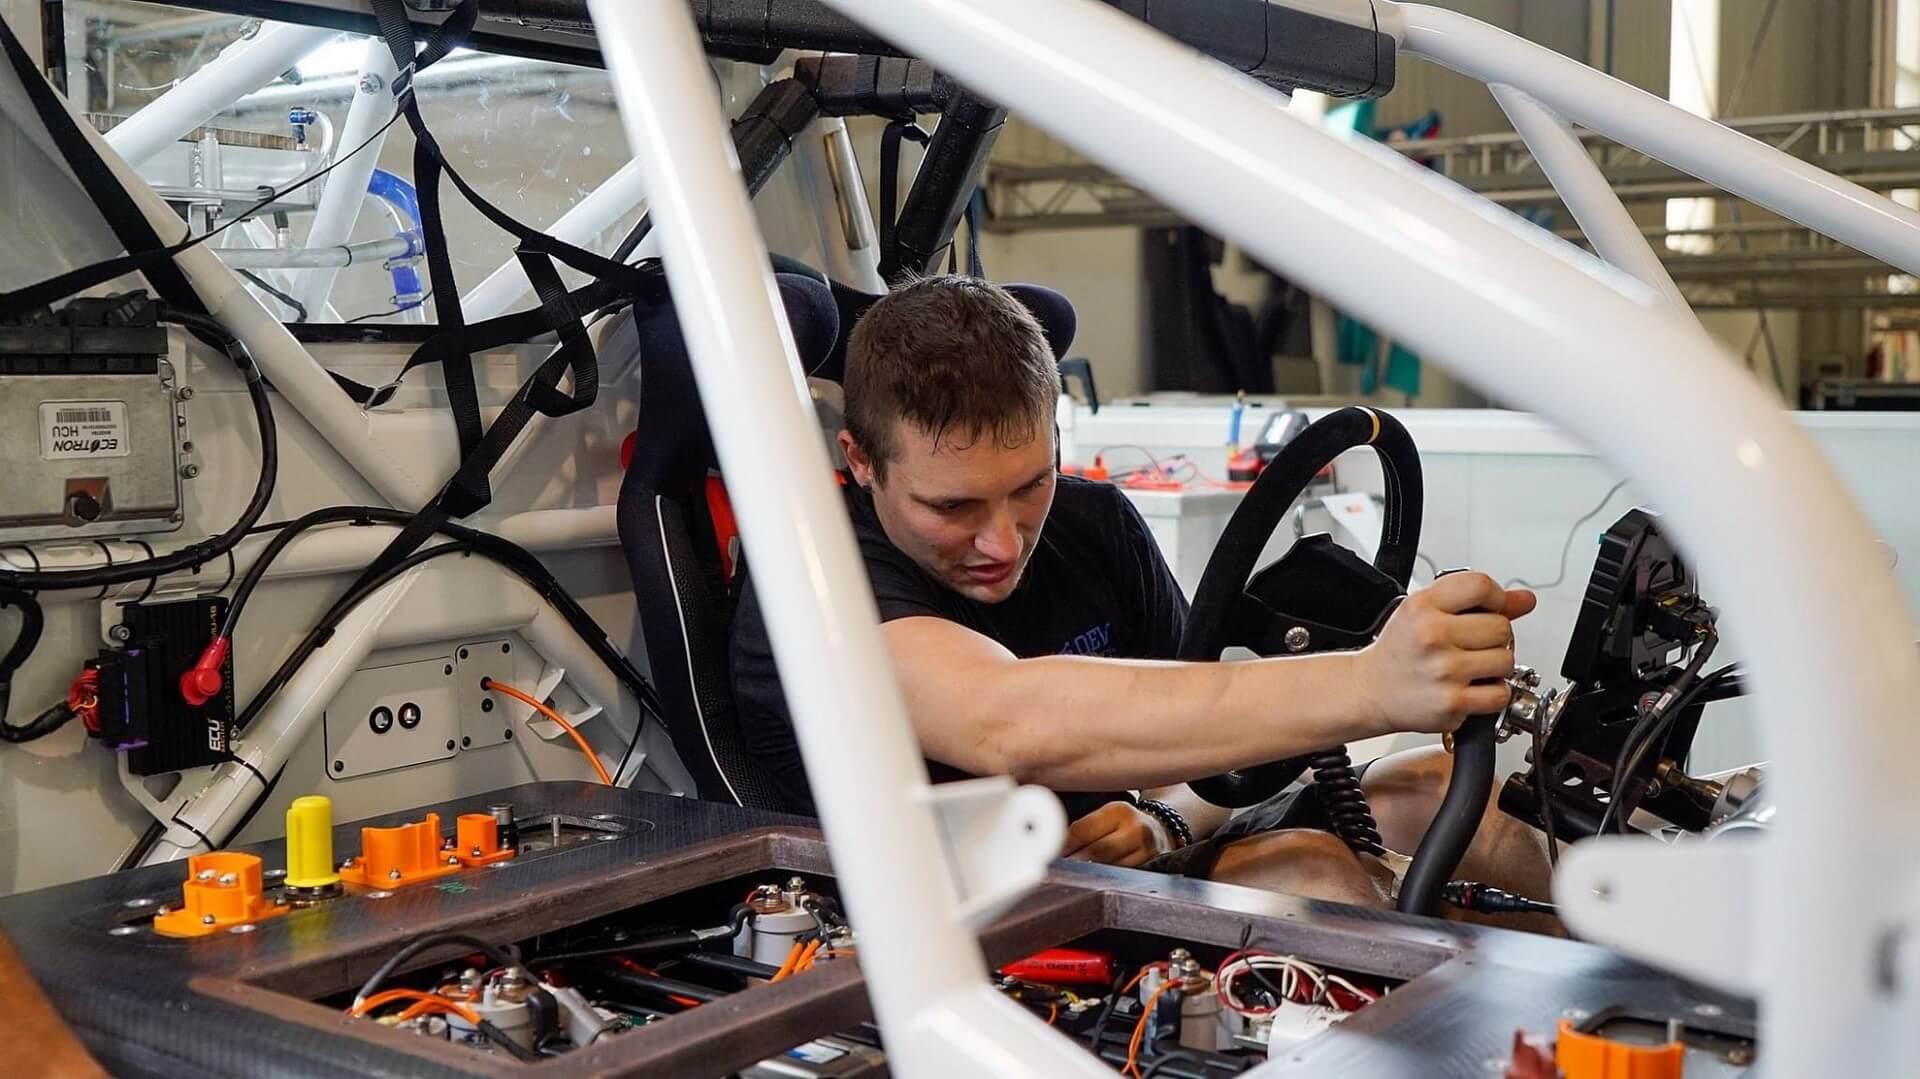 Окончательный гоночный электромобиль должен быть официально представлен к концу этого года, и на первый сезон запланировано шесть европейских соревнований